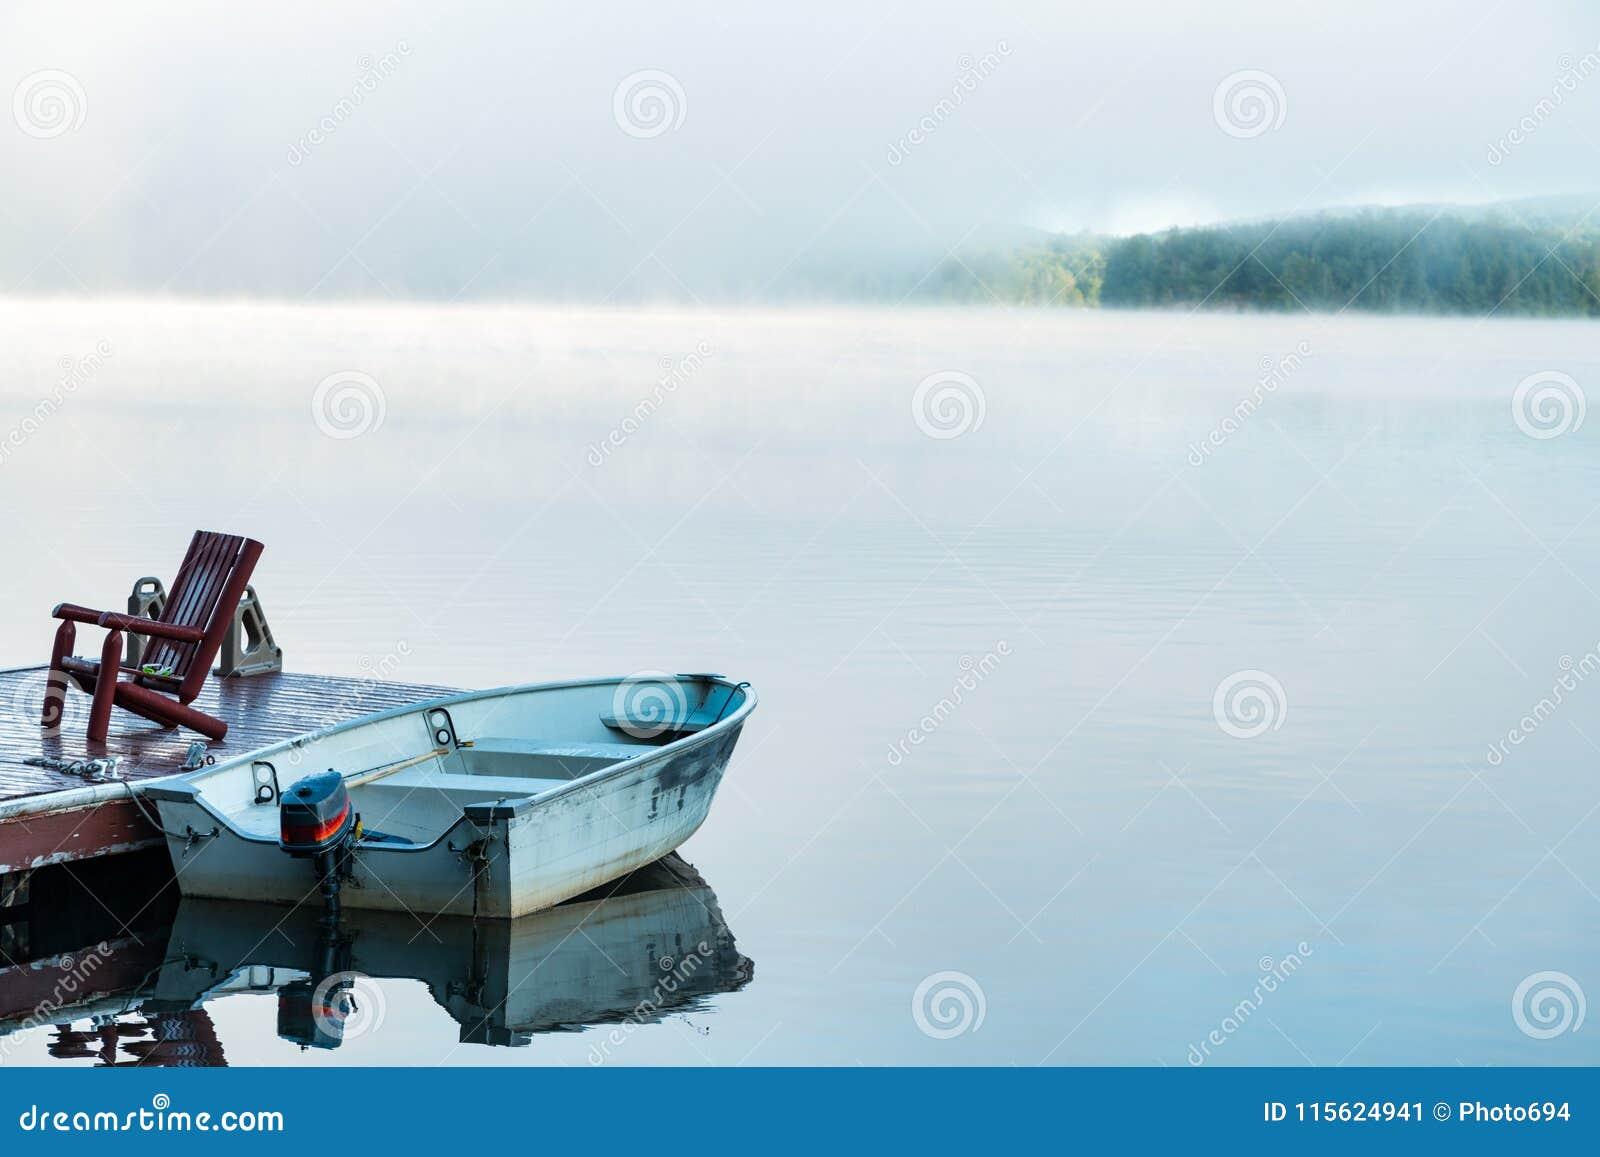 De vroege opheldering van de ochtendmist van een klein meer